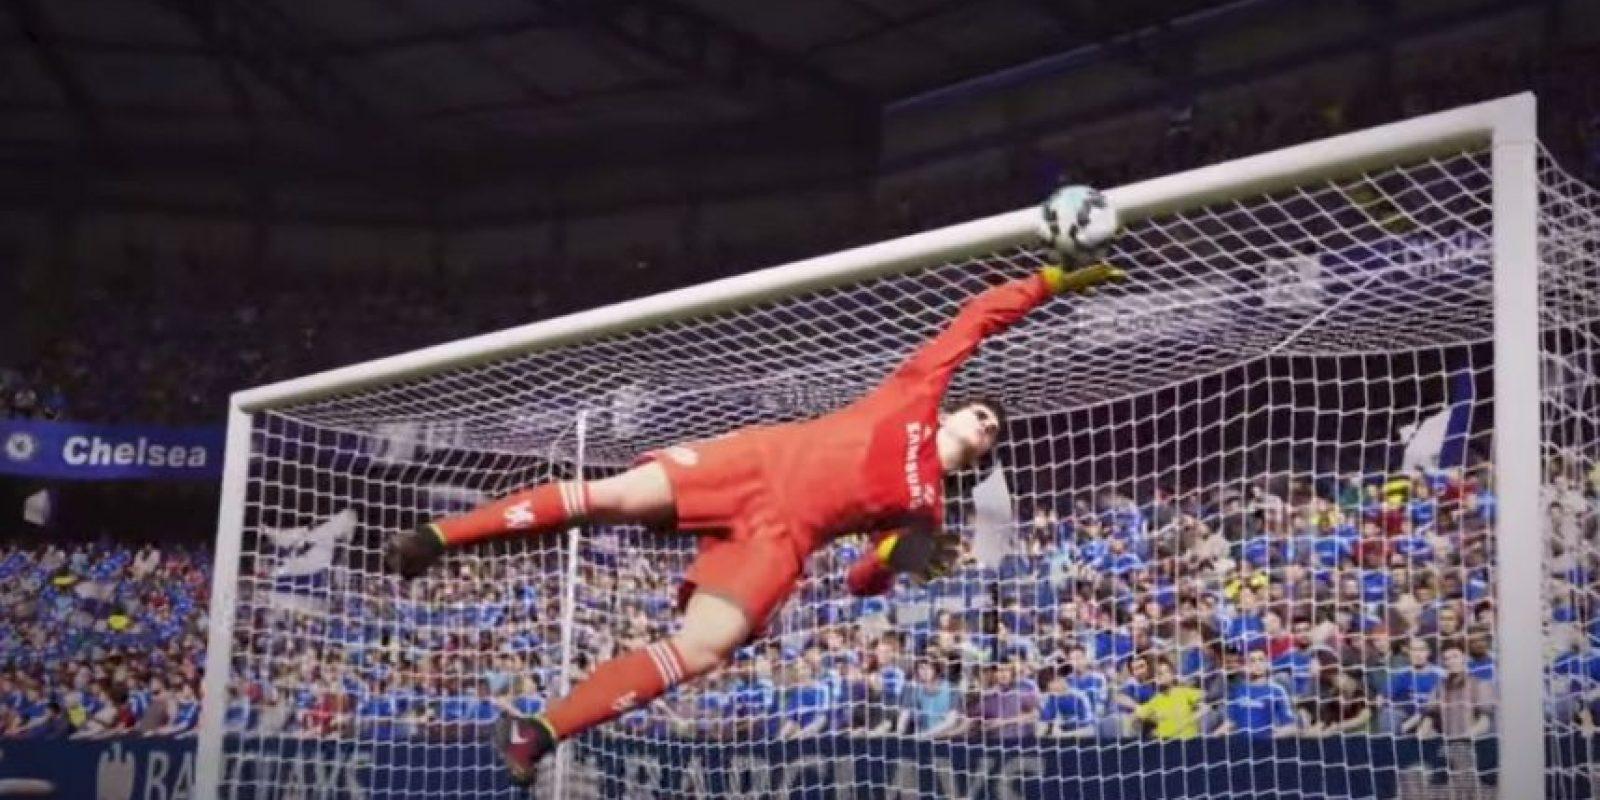 Courtois desviando el balón en el Stamford Bridge. Foto:EA Sports